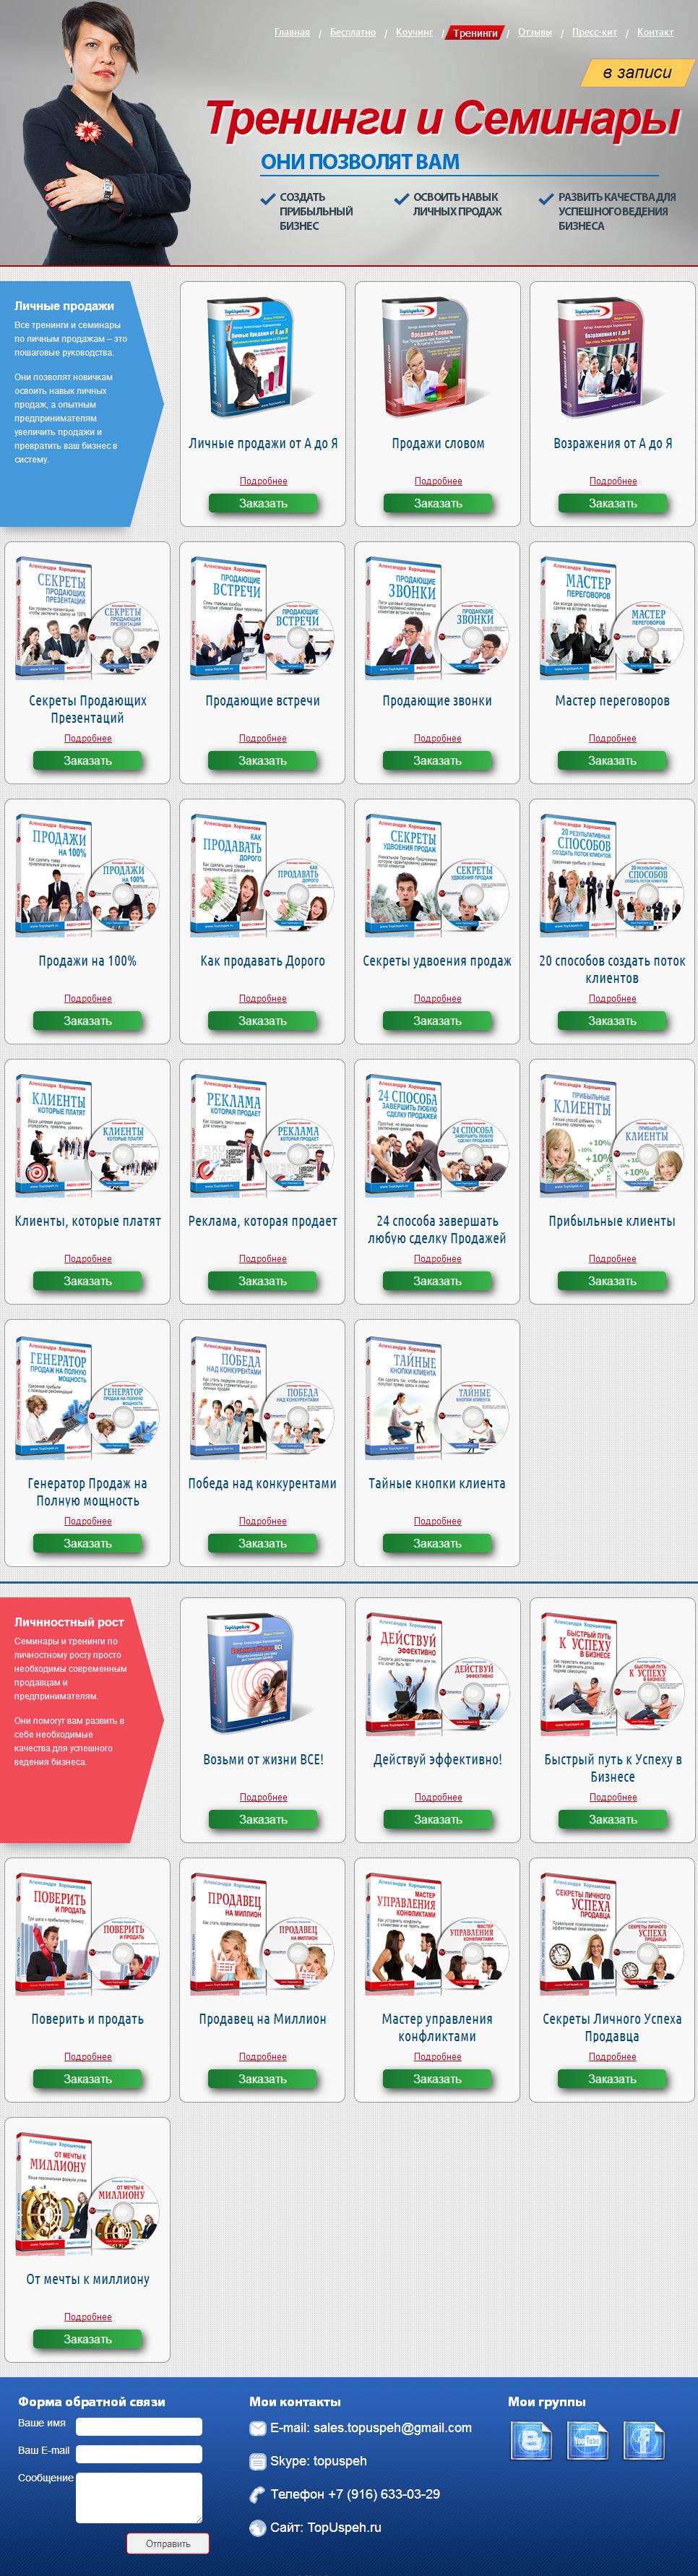 Раздел сайта с каталогом продуктов для Александры Хорошиловой